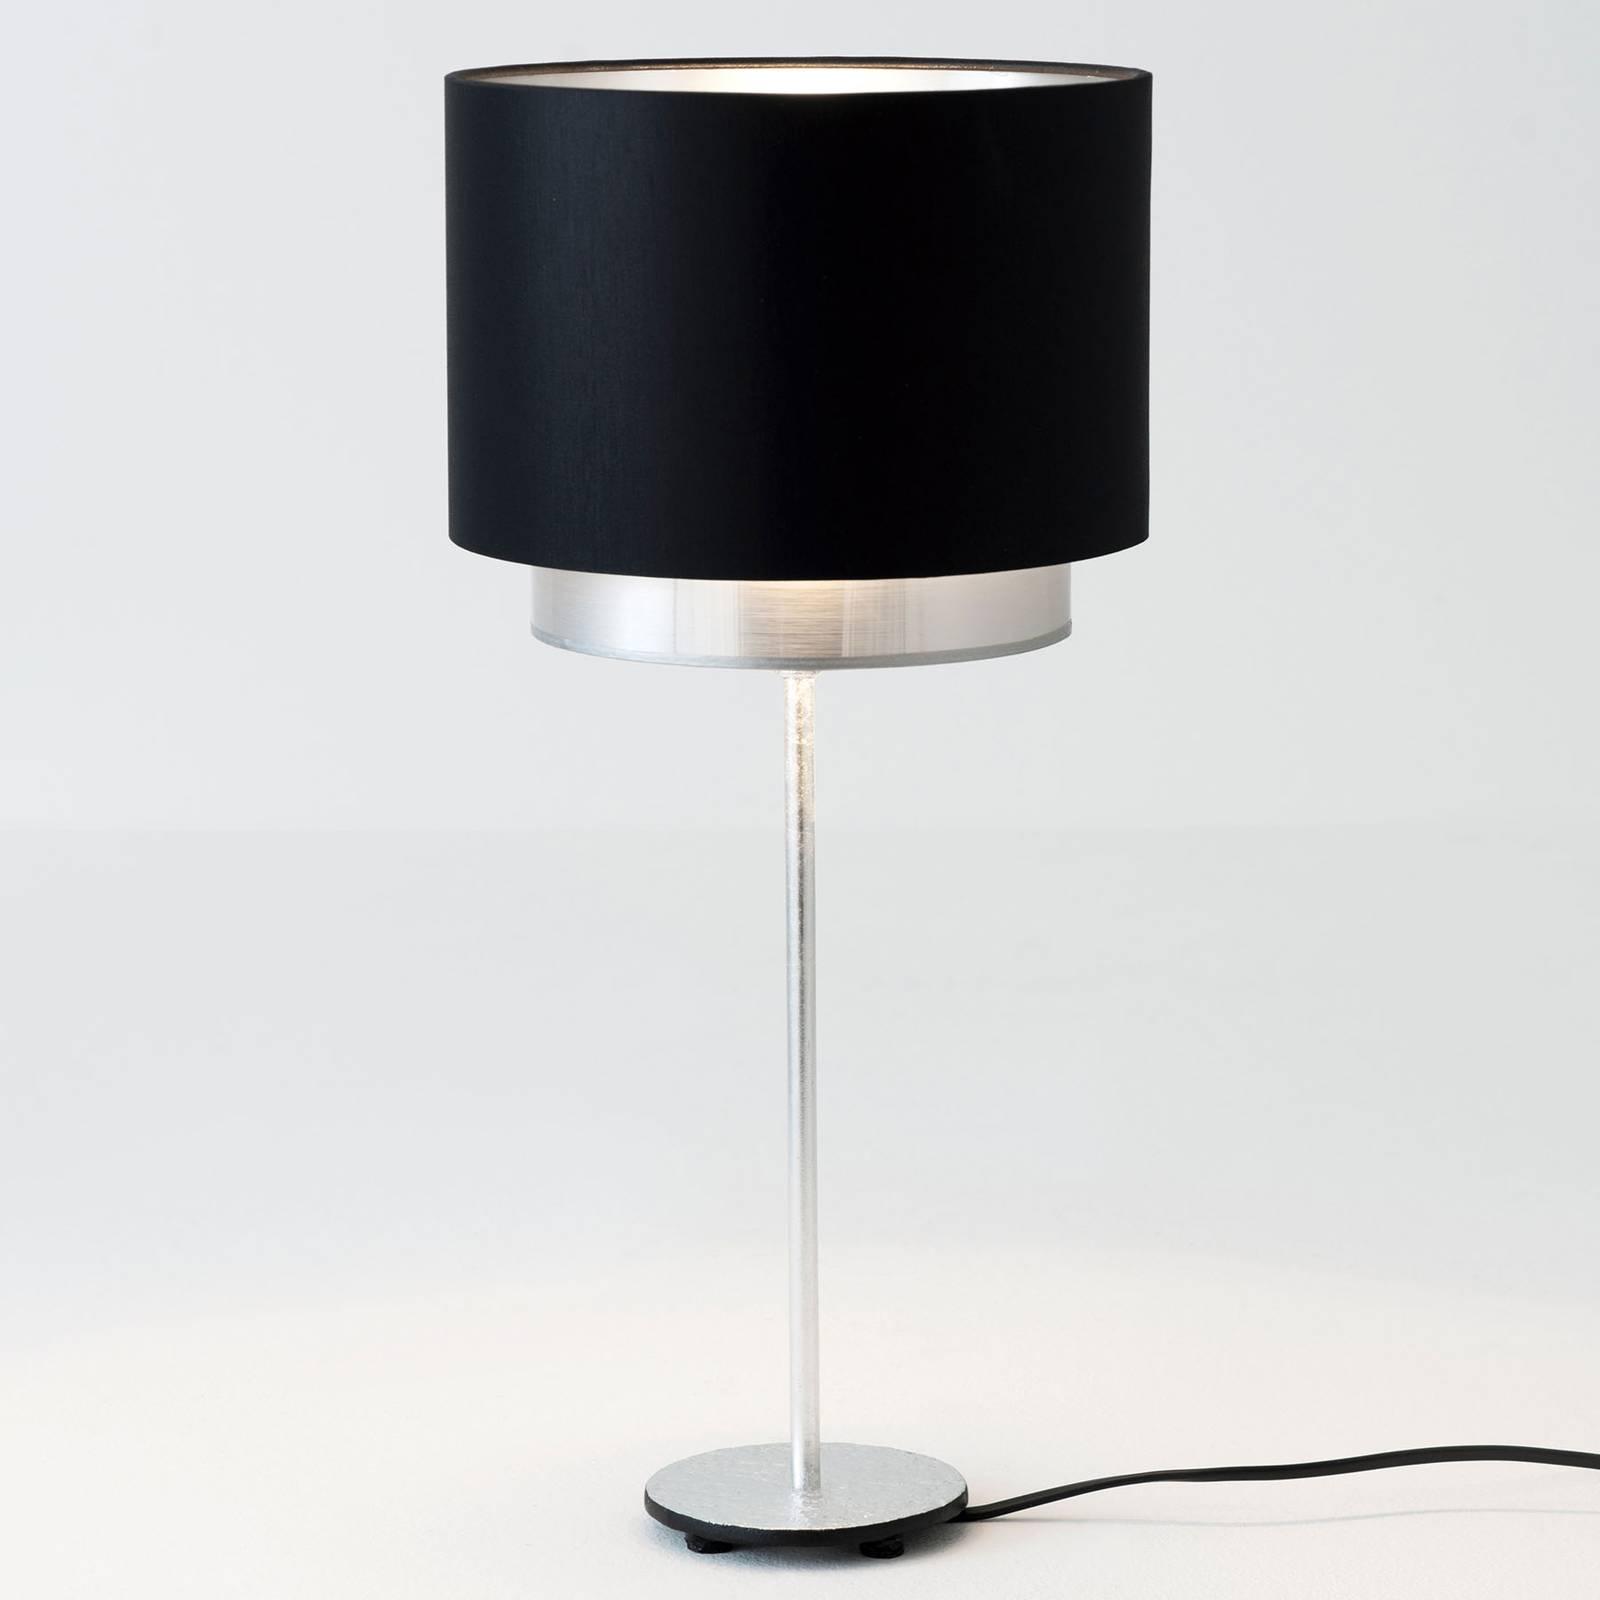 Tafellamp Mattia, sits zwart/zilver